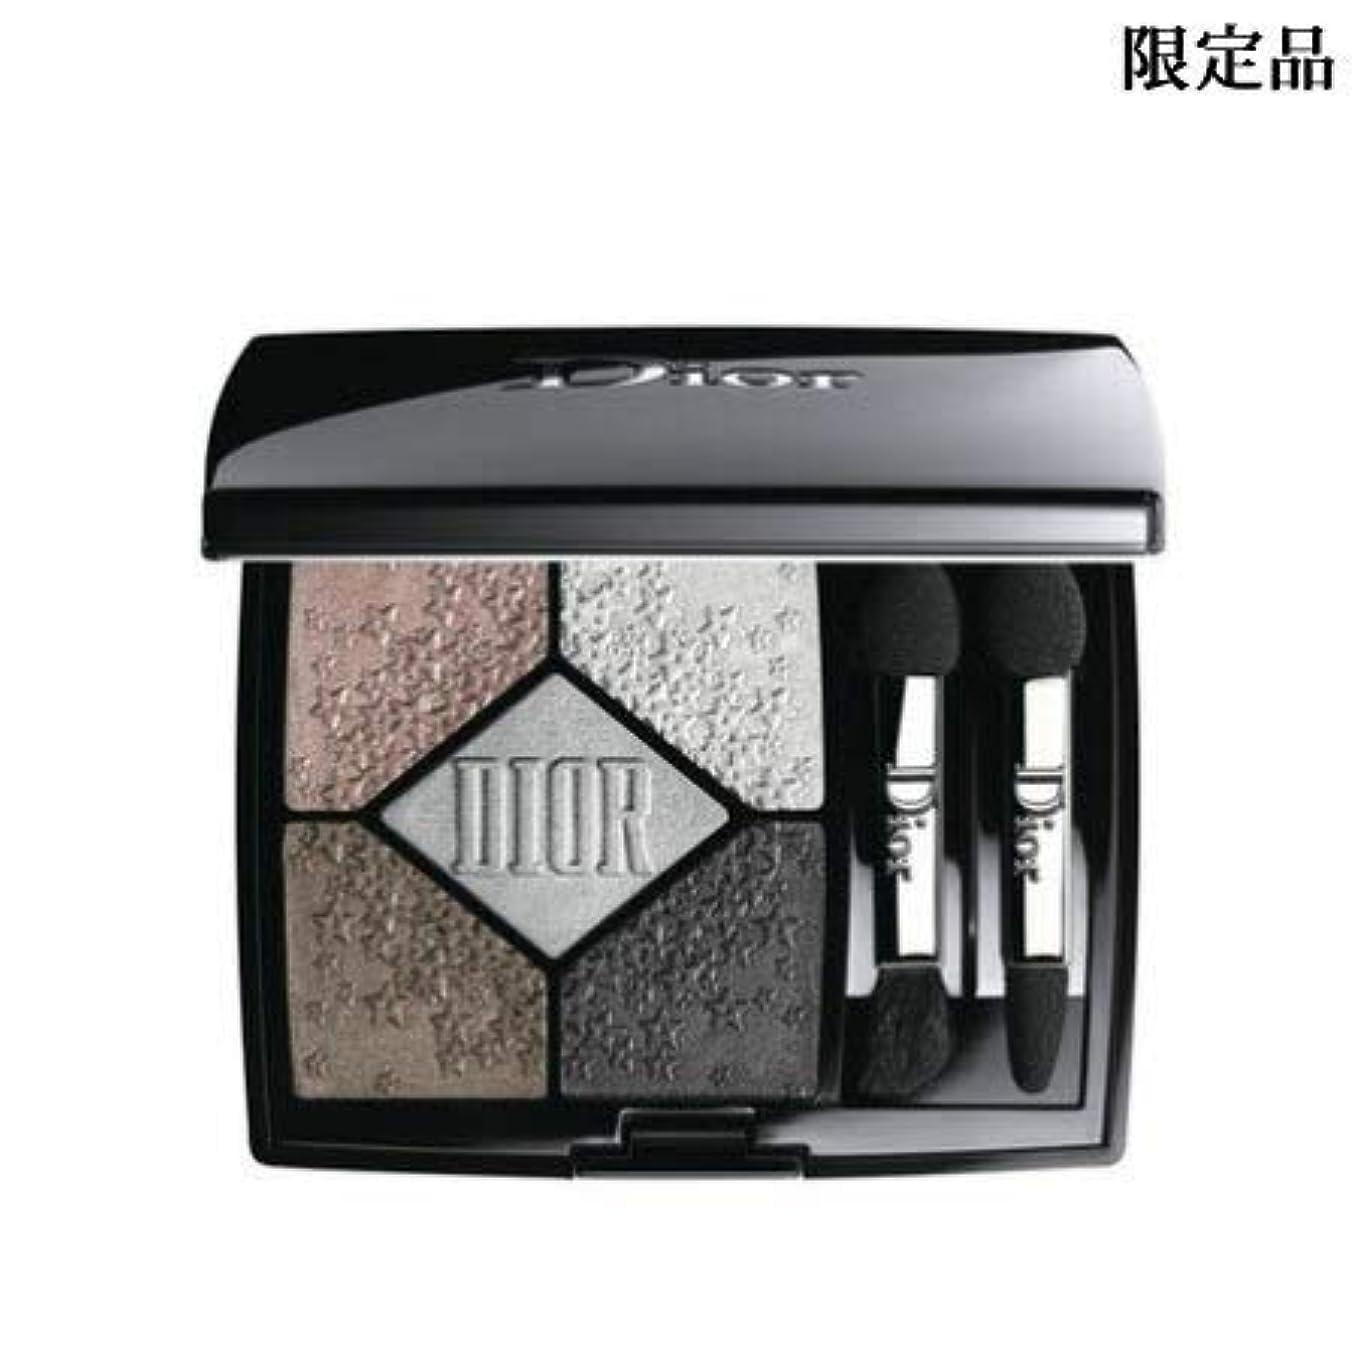 権限を与えるフリンジ取り戻すディオール サンク クルール #057 ムーンライト 限定色 -Dior-